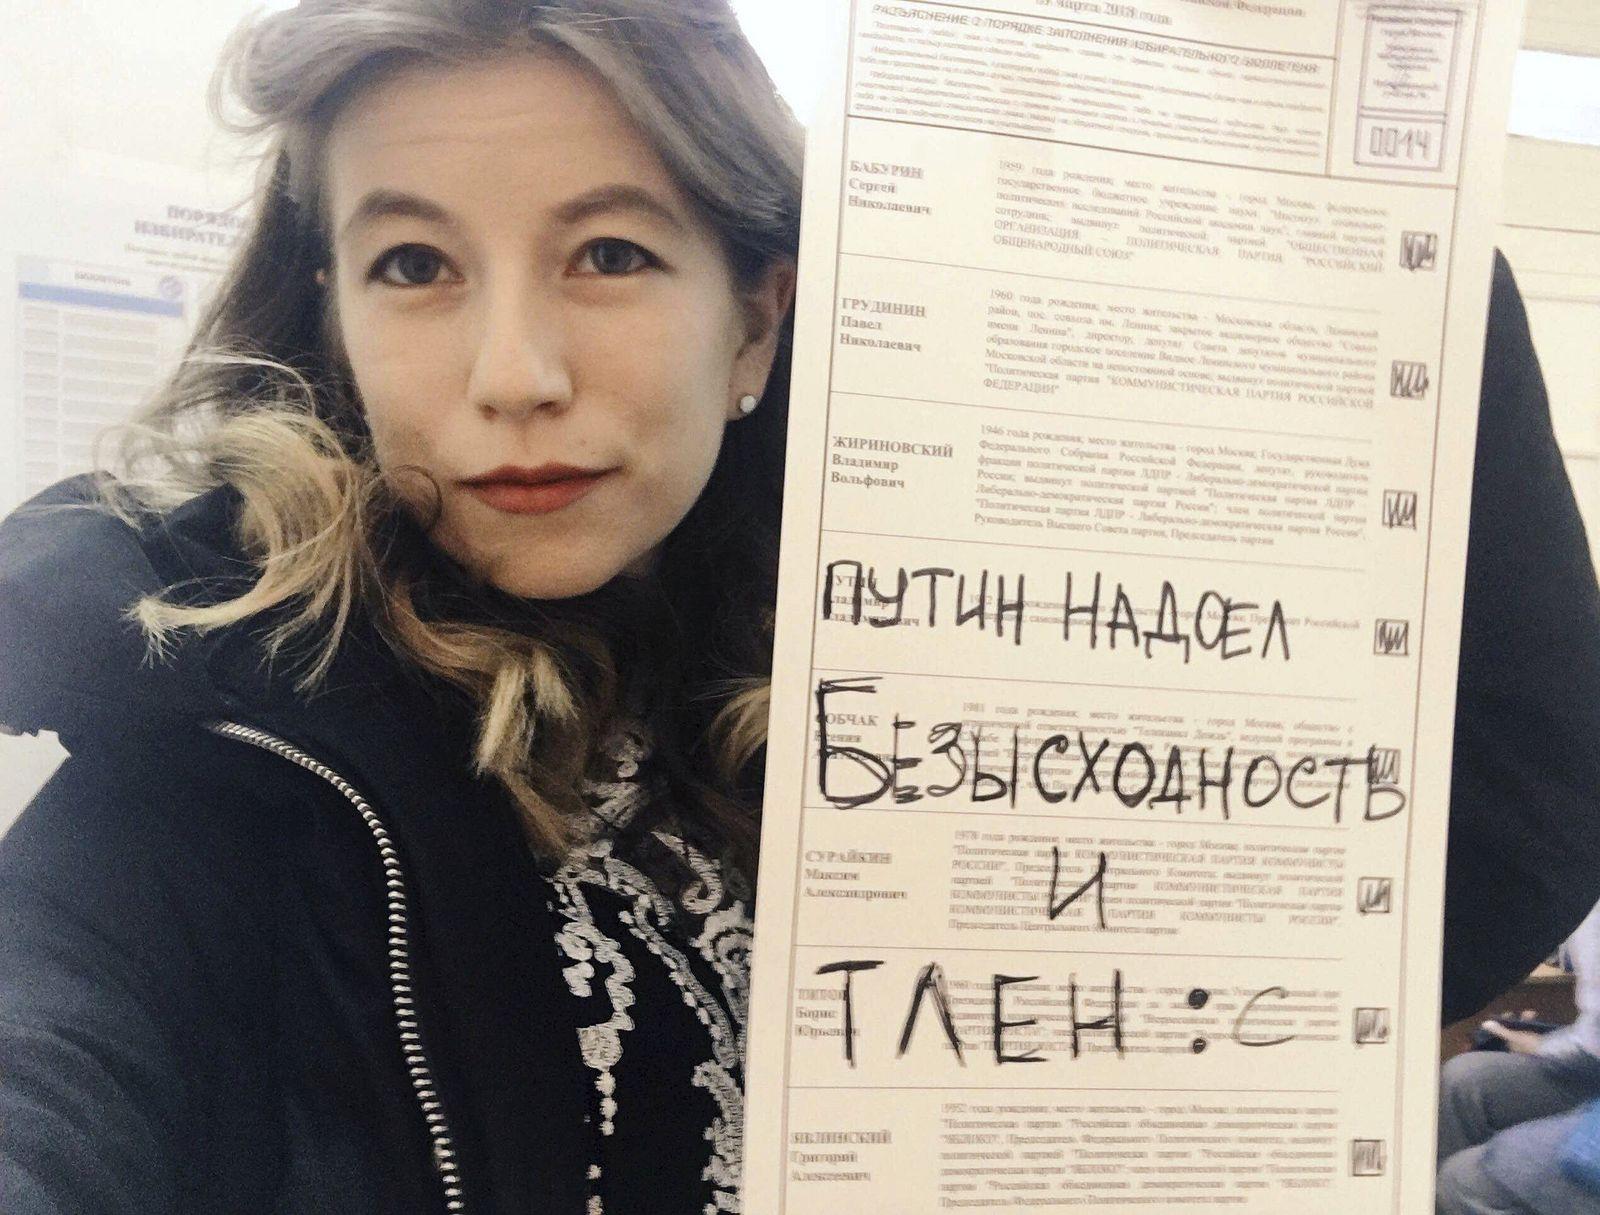 Präsidentenwahl in Russland/ Wahlbetrug/ Aktivistin